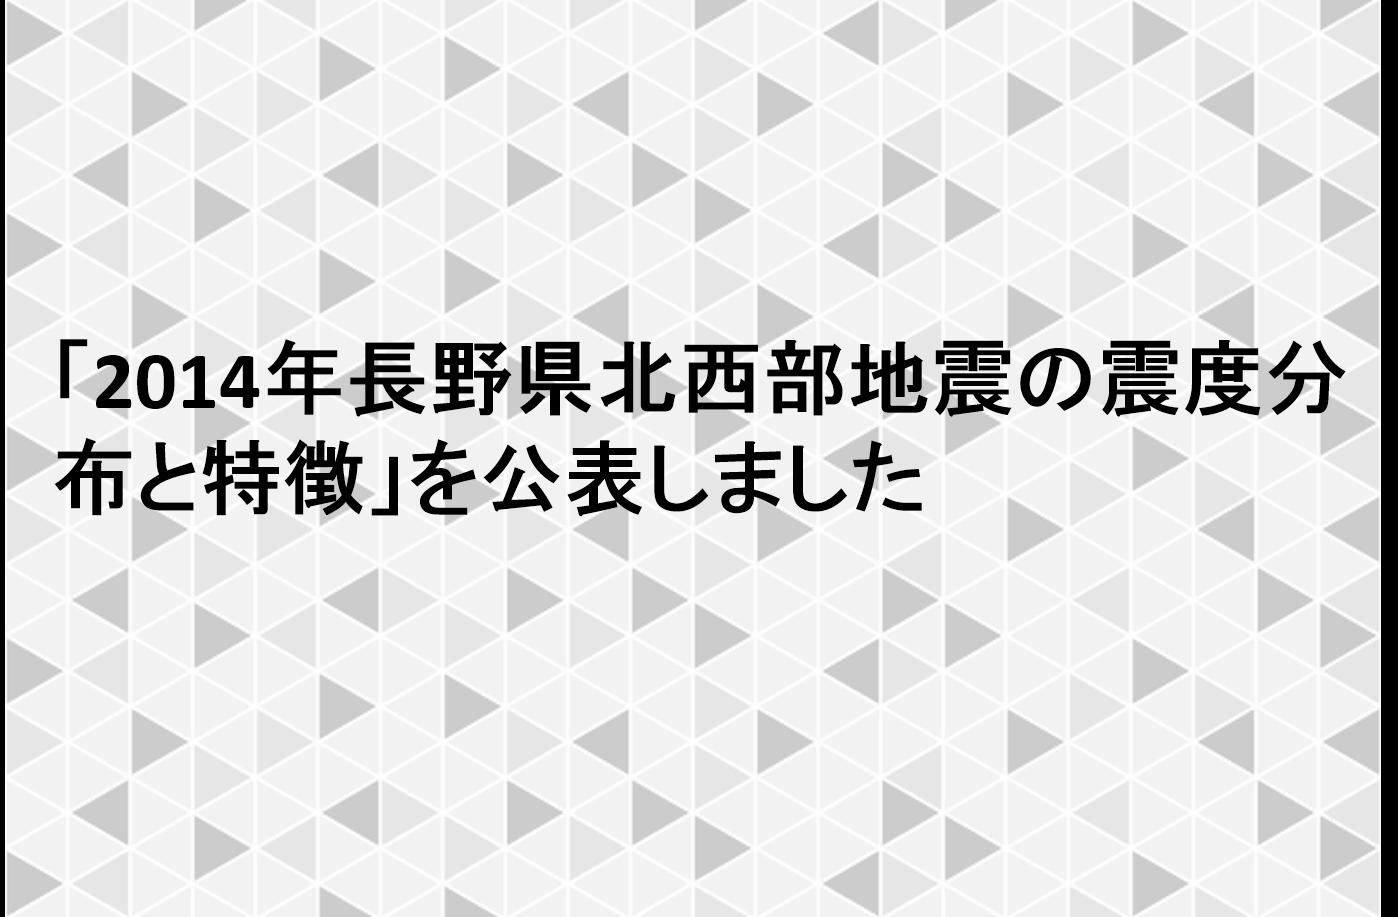 「2014年長野県北西部地震の震度分布と特徴」を公表しました